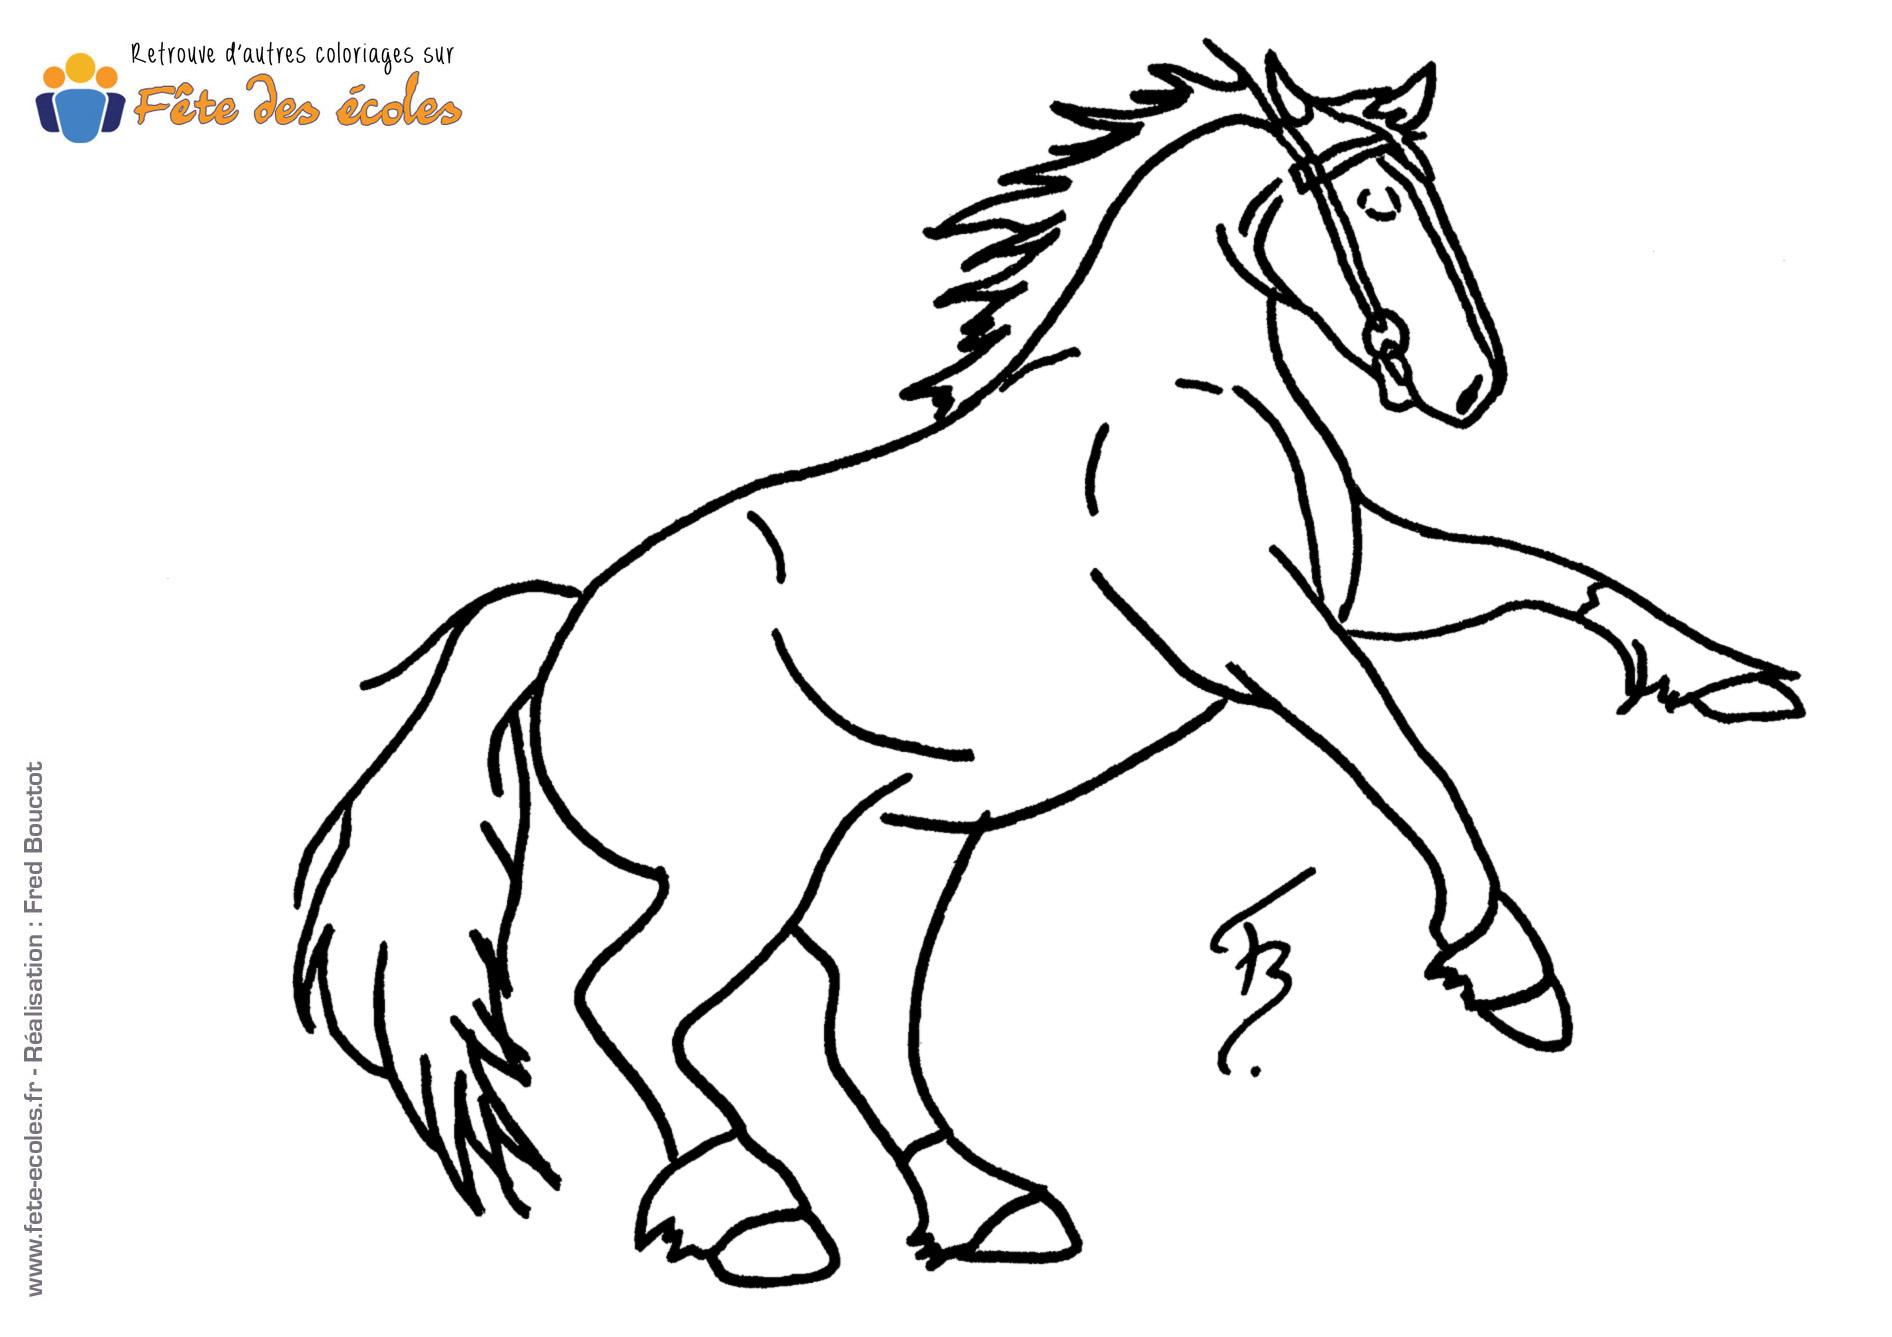 Frais coloriage de cheval qui saute haut - Cheval qui saute dessin ...